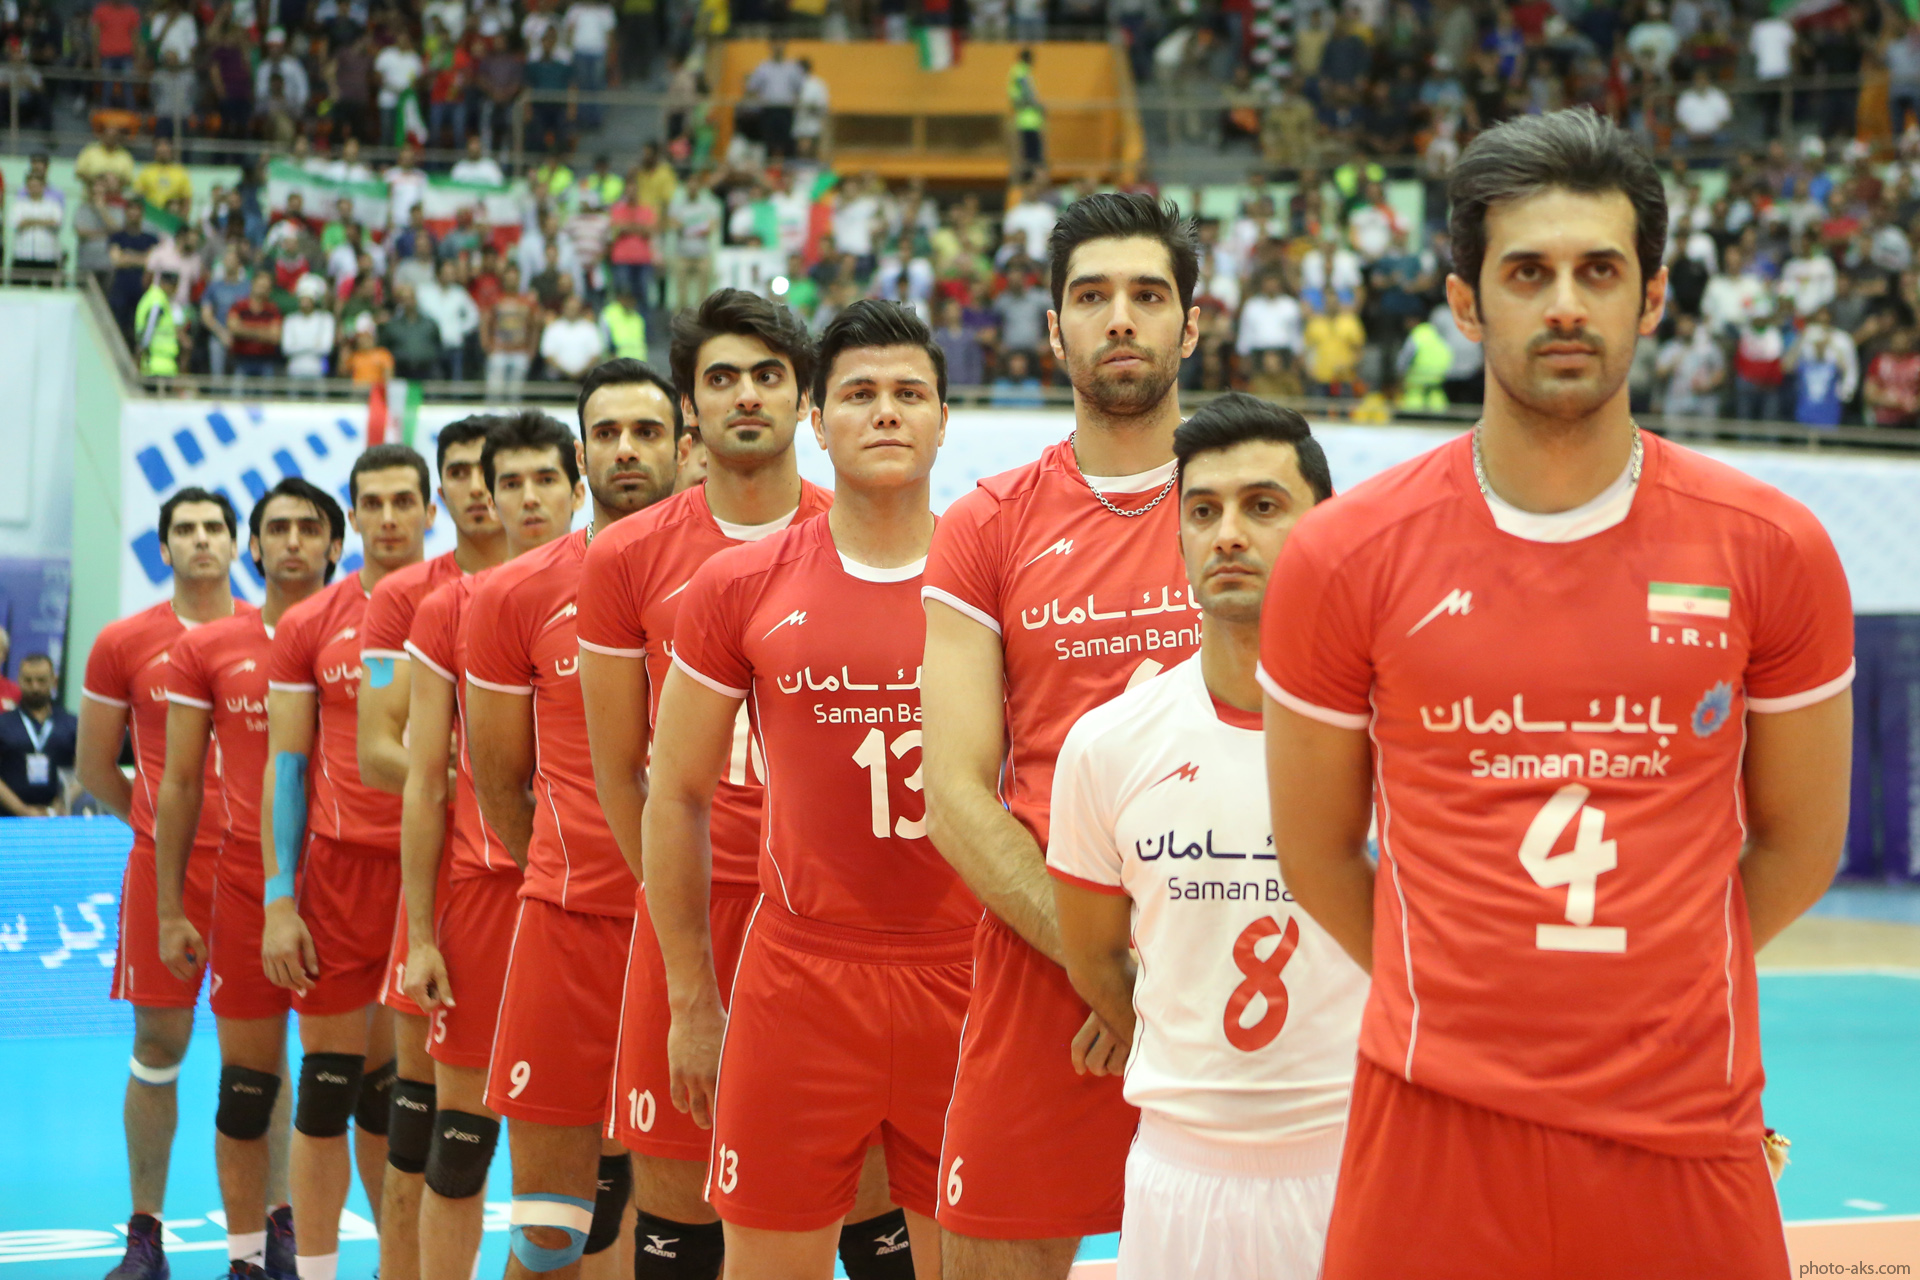 راهنمای خرید بلیط  مسابقات لیگ جهانی والیبال ۲۰۱۹ اردبیل